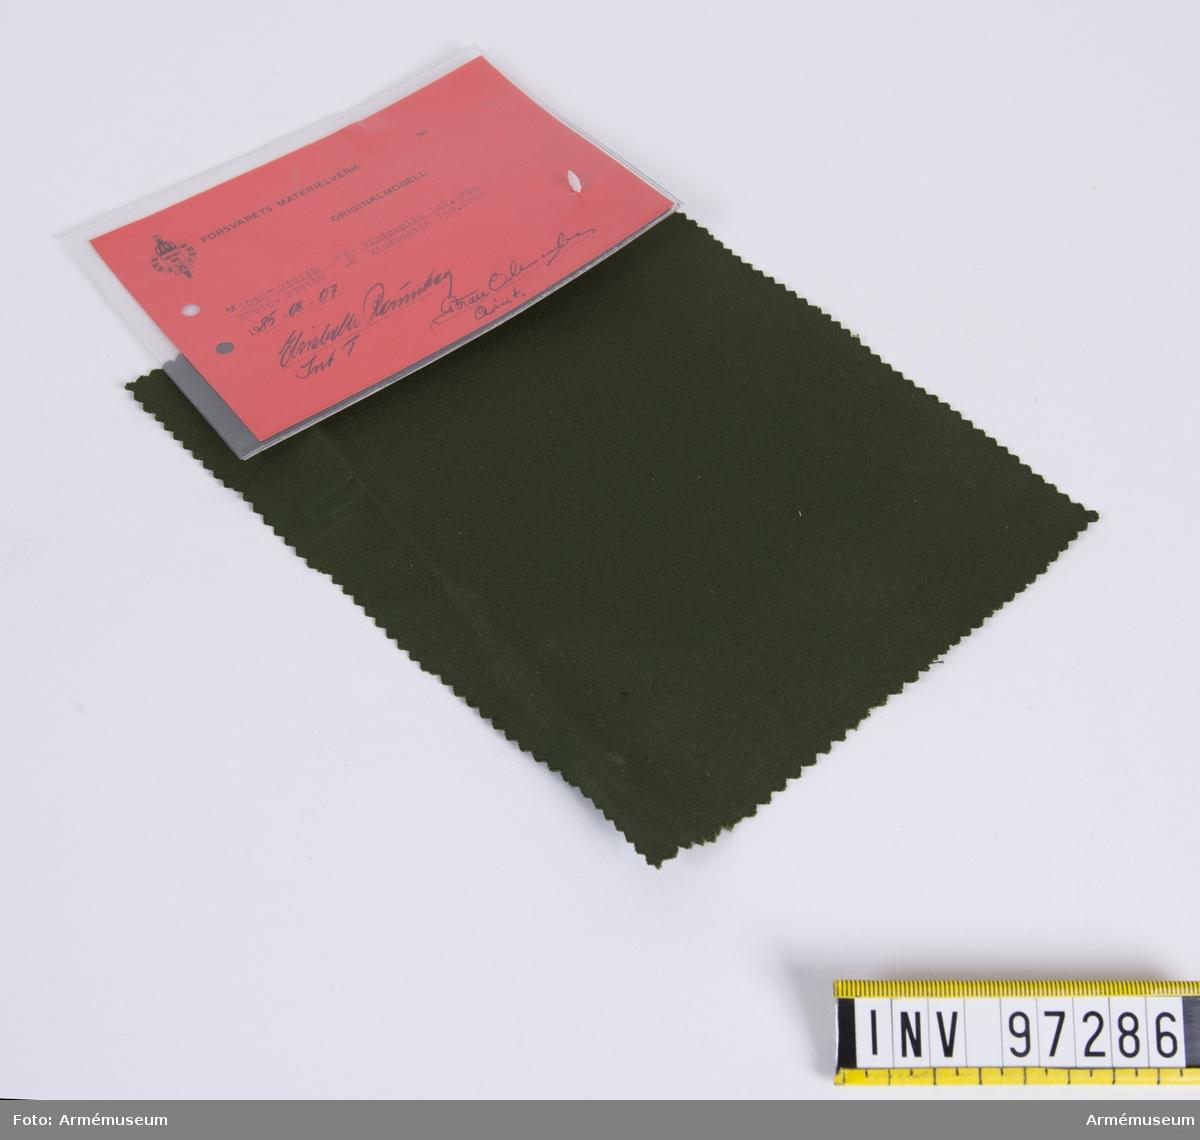 """Vidhängande modellapp med text: """"Försvarets materielverk. Originalmodell. M 1016-238140-9. Vindpoplin 140, Grön M 106-238150-8 Vindpoplin 150, Grön. 1985-08-07. Elisabeth Rönnberg IntT, Göran Olmarker QInt."""""""